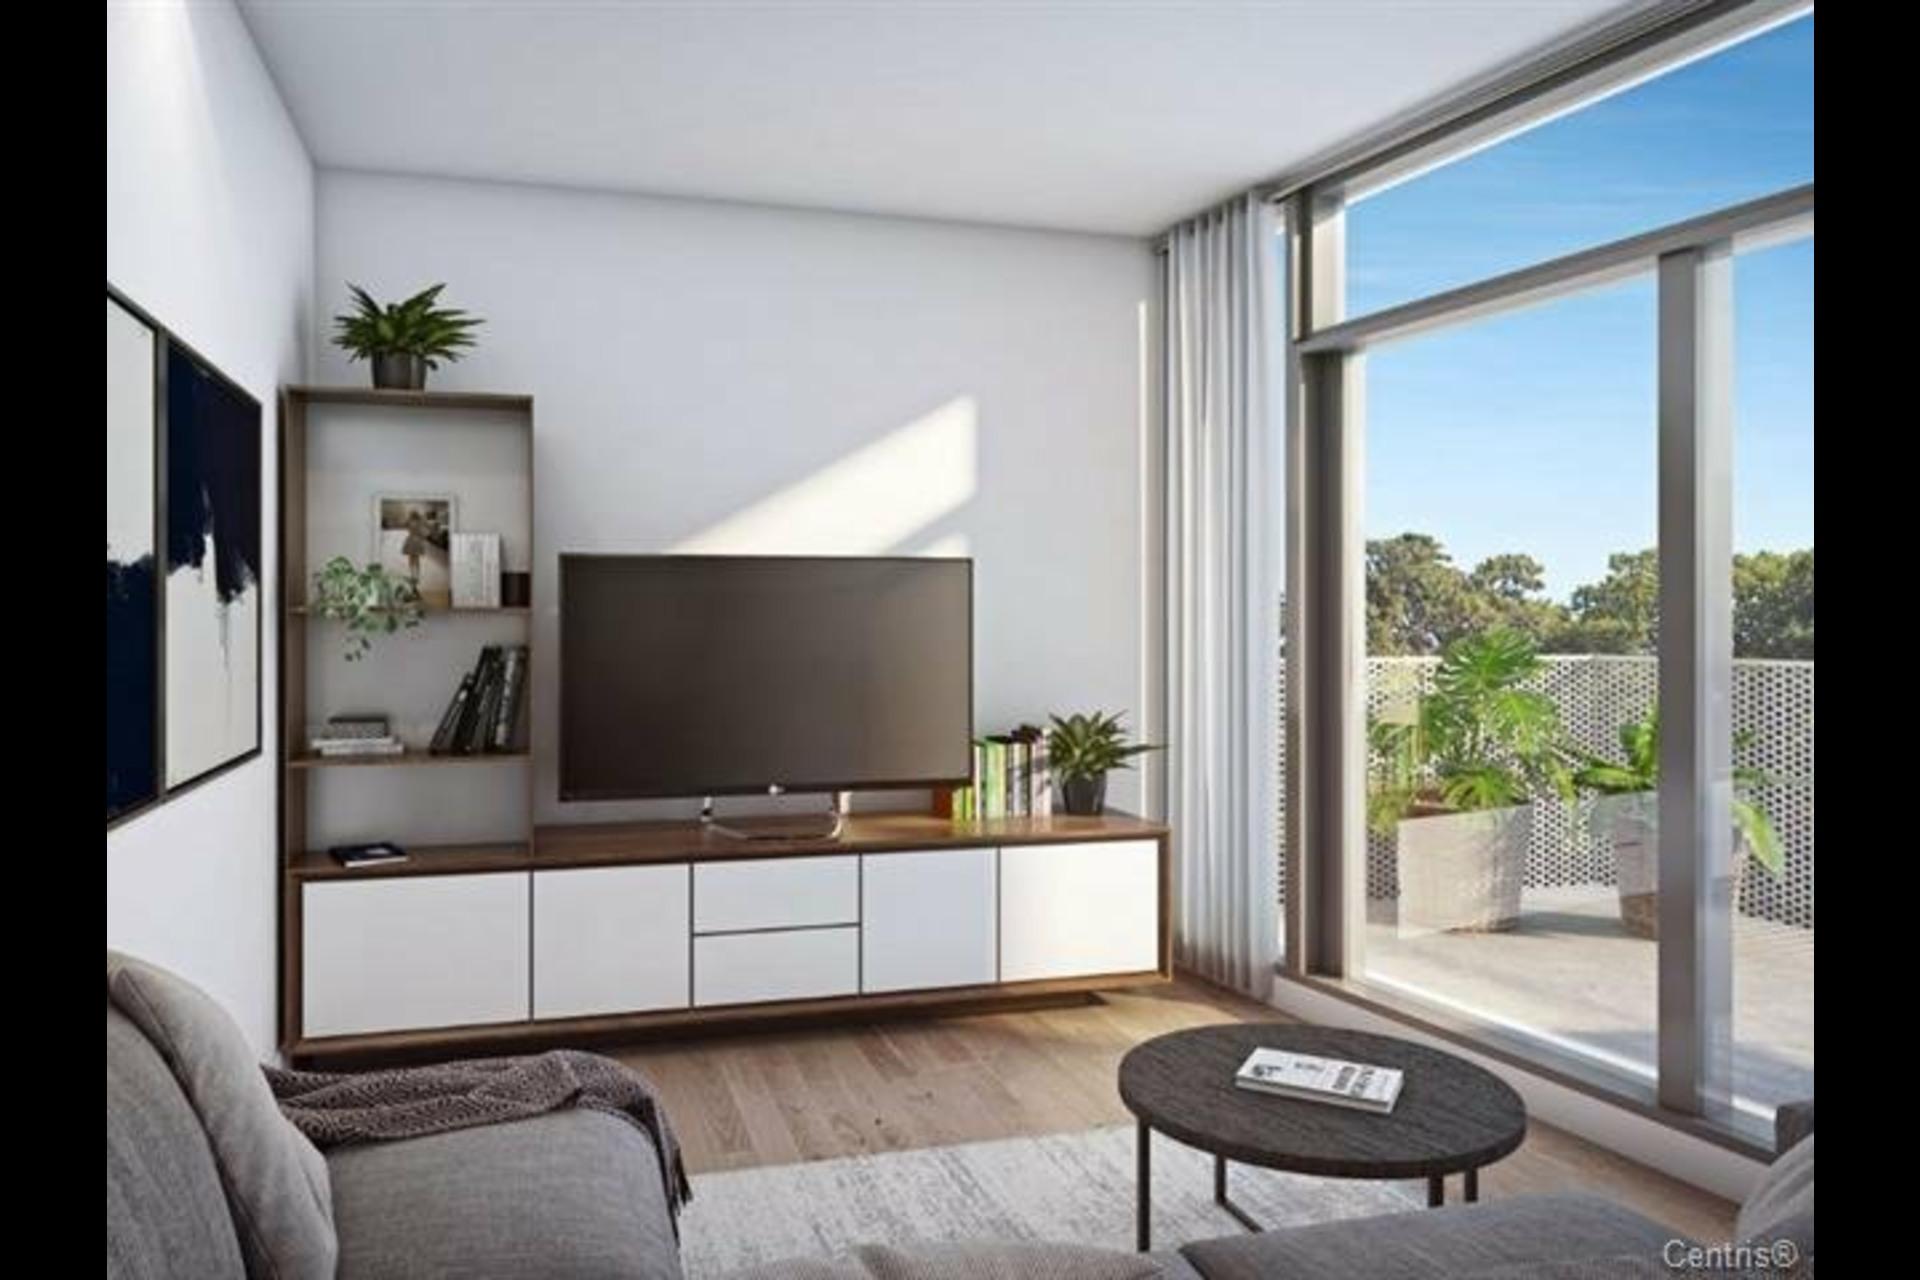 image 2 - Appartement À vendre Montréal Rosemont/La Petite-Patrie  - 5 pièces